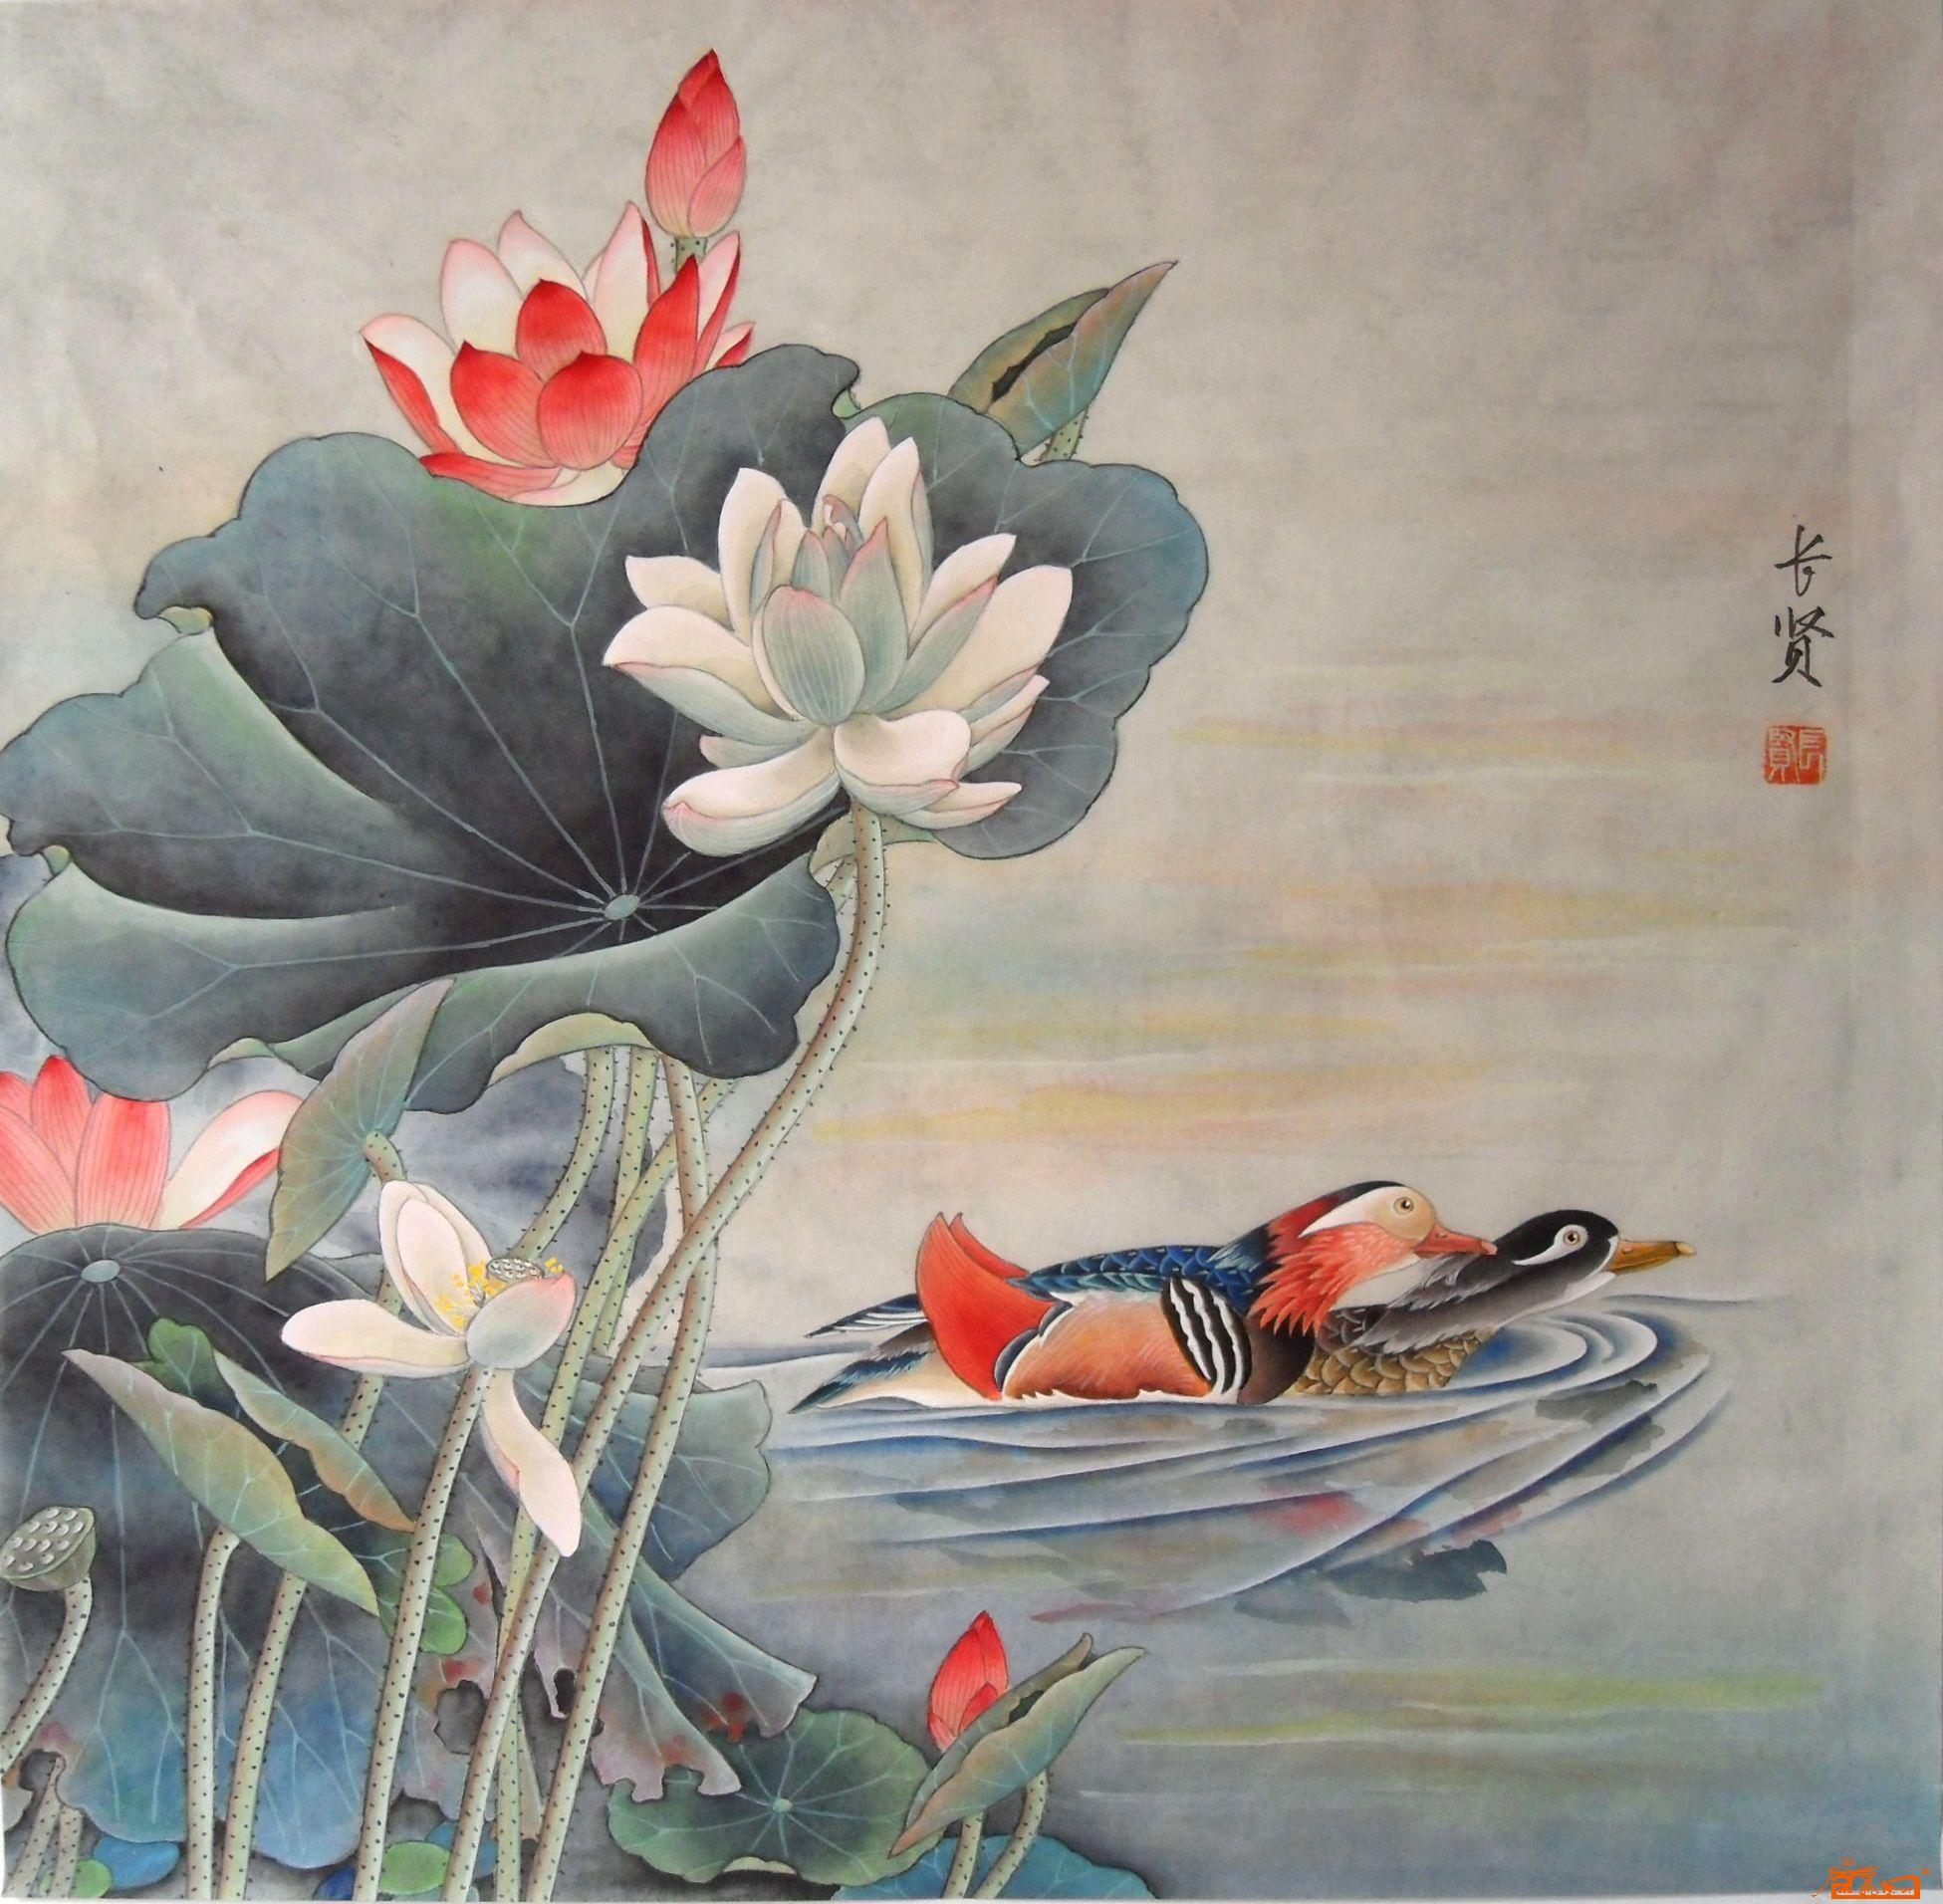 鸳鸯10-李长贤-淘宝-名人字画-中国书画交易中心,中国